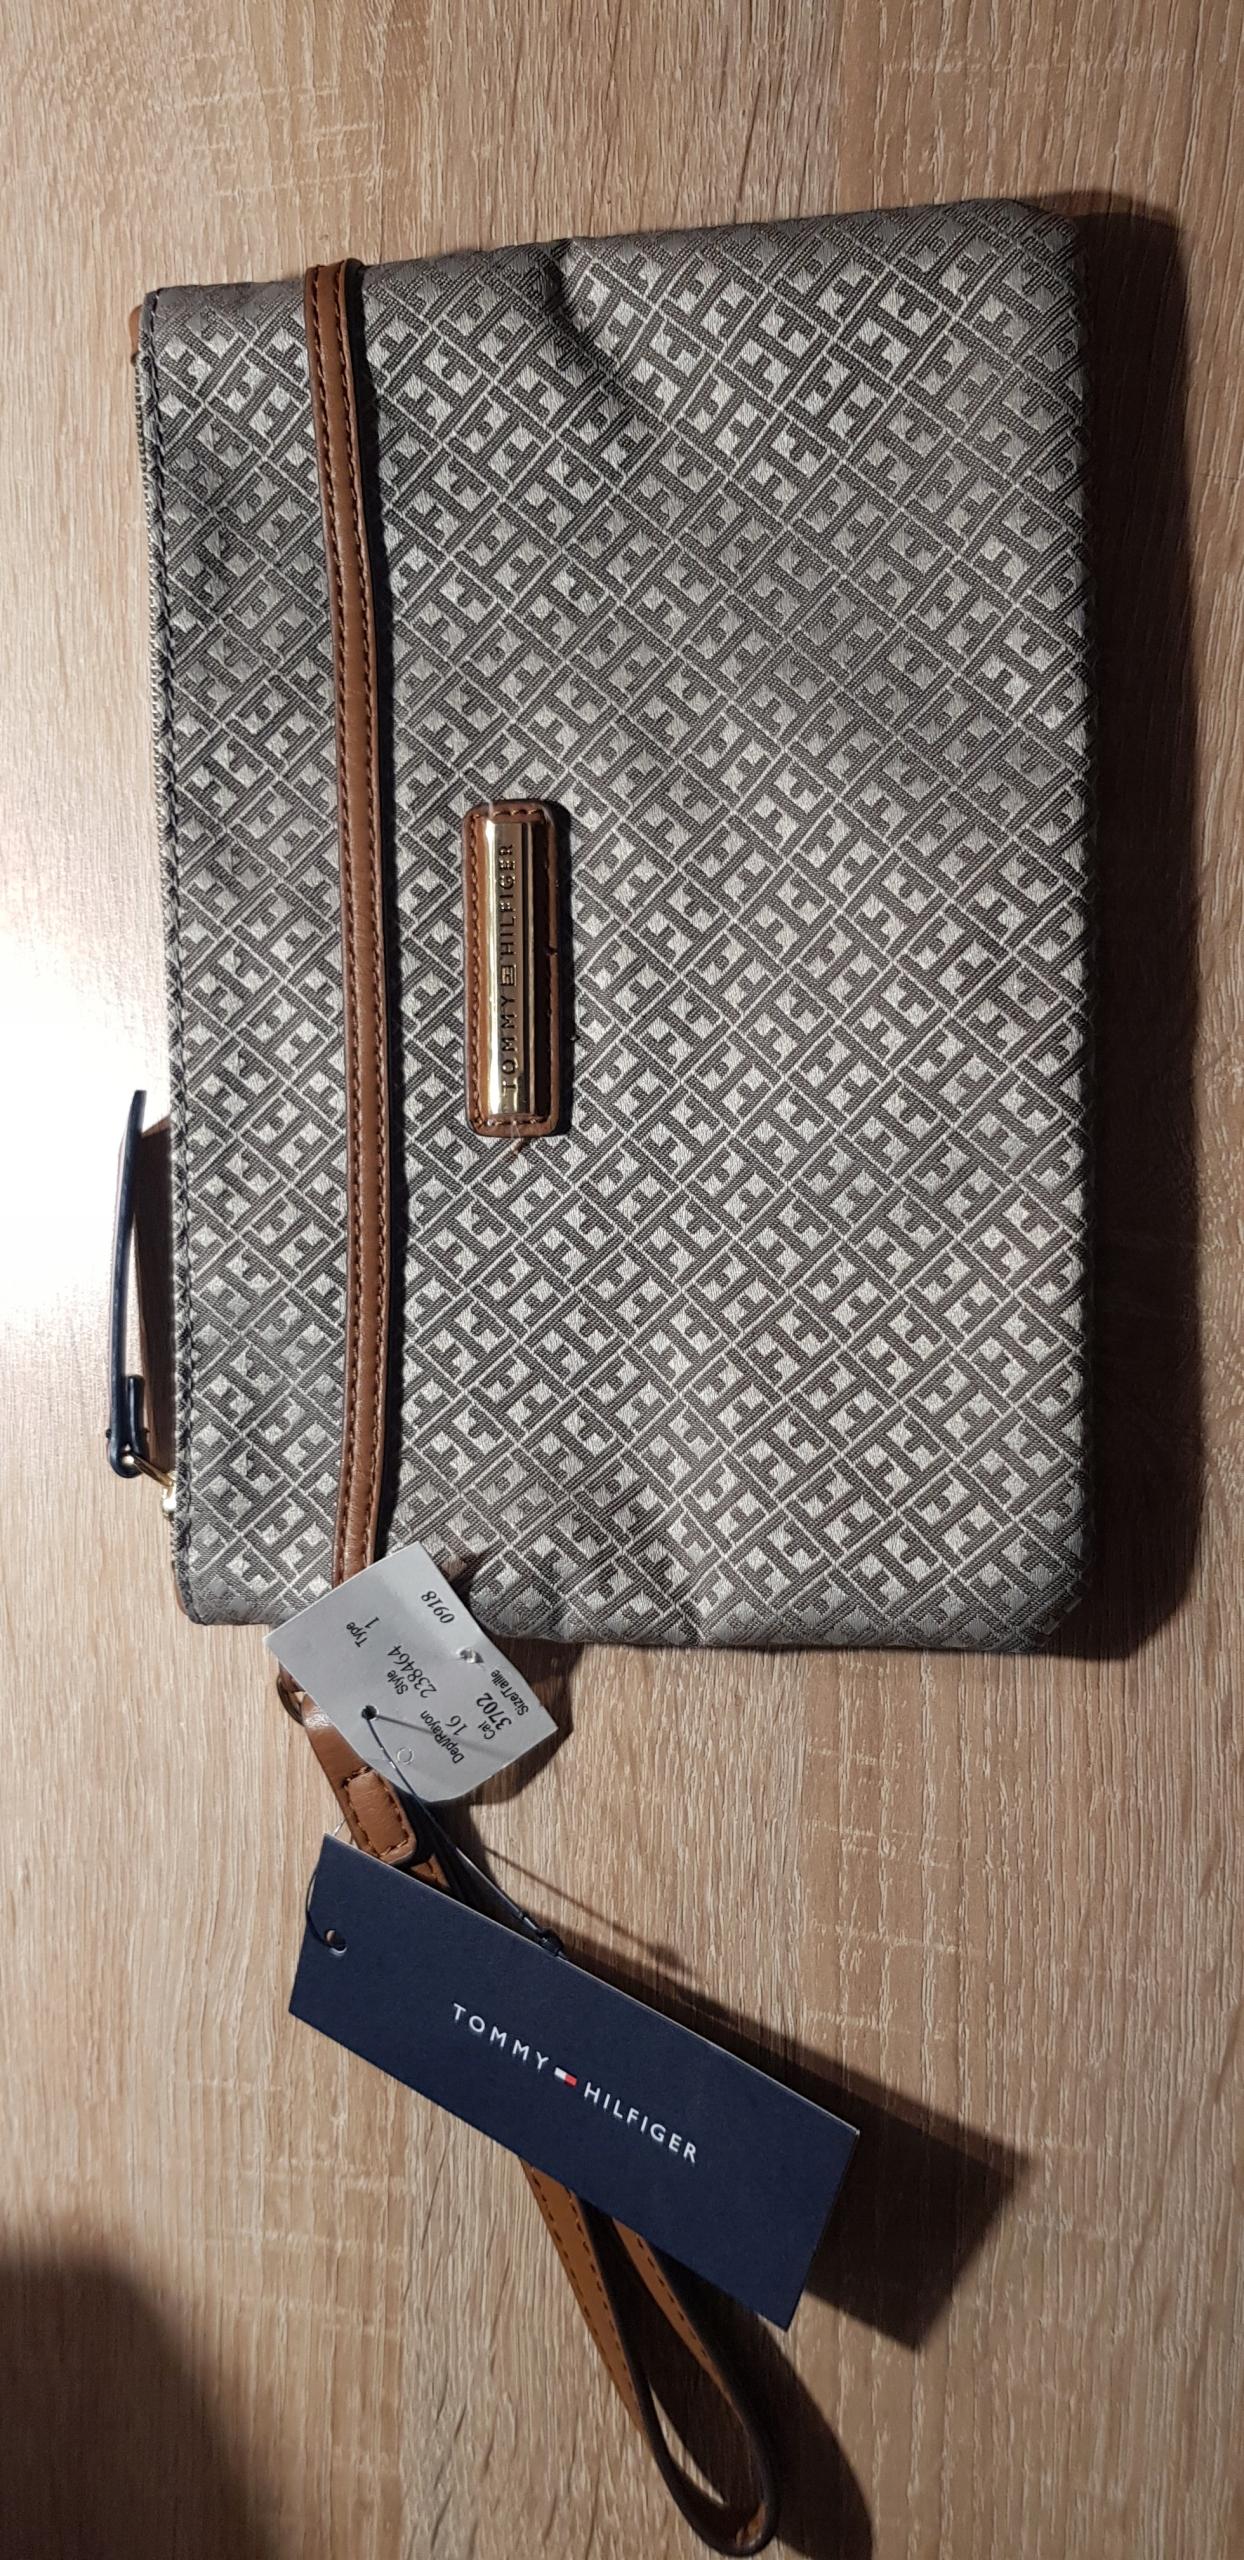 TOMMY HILFIGER torebka kopertówka/kosmetyczka